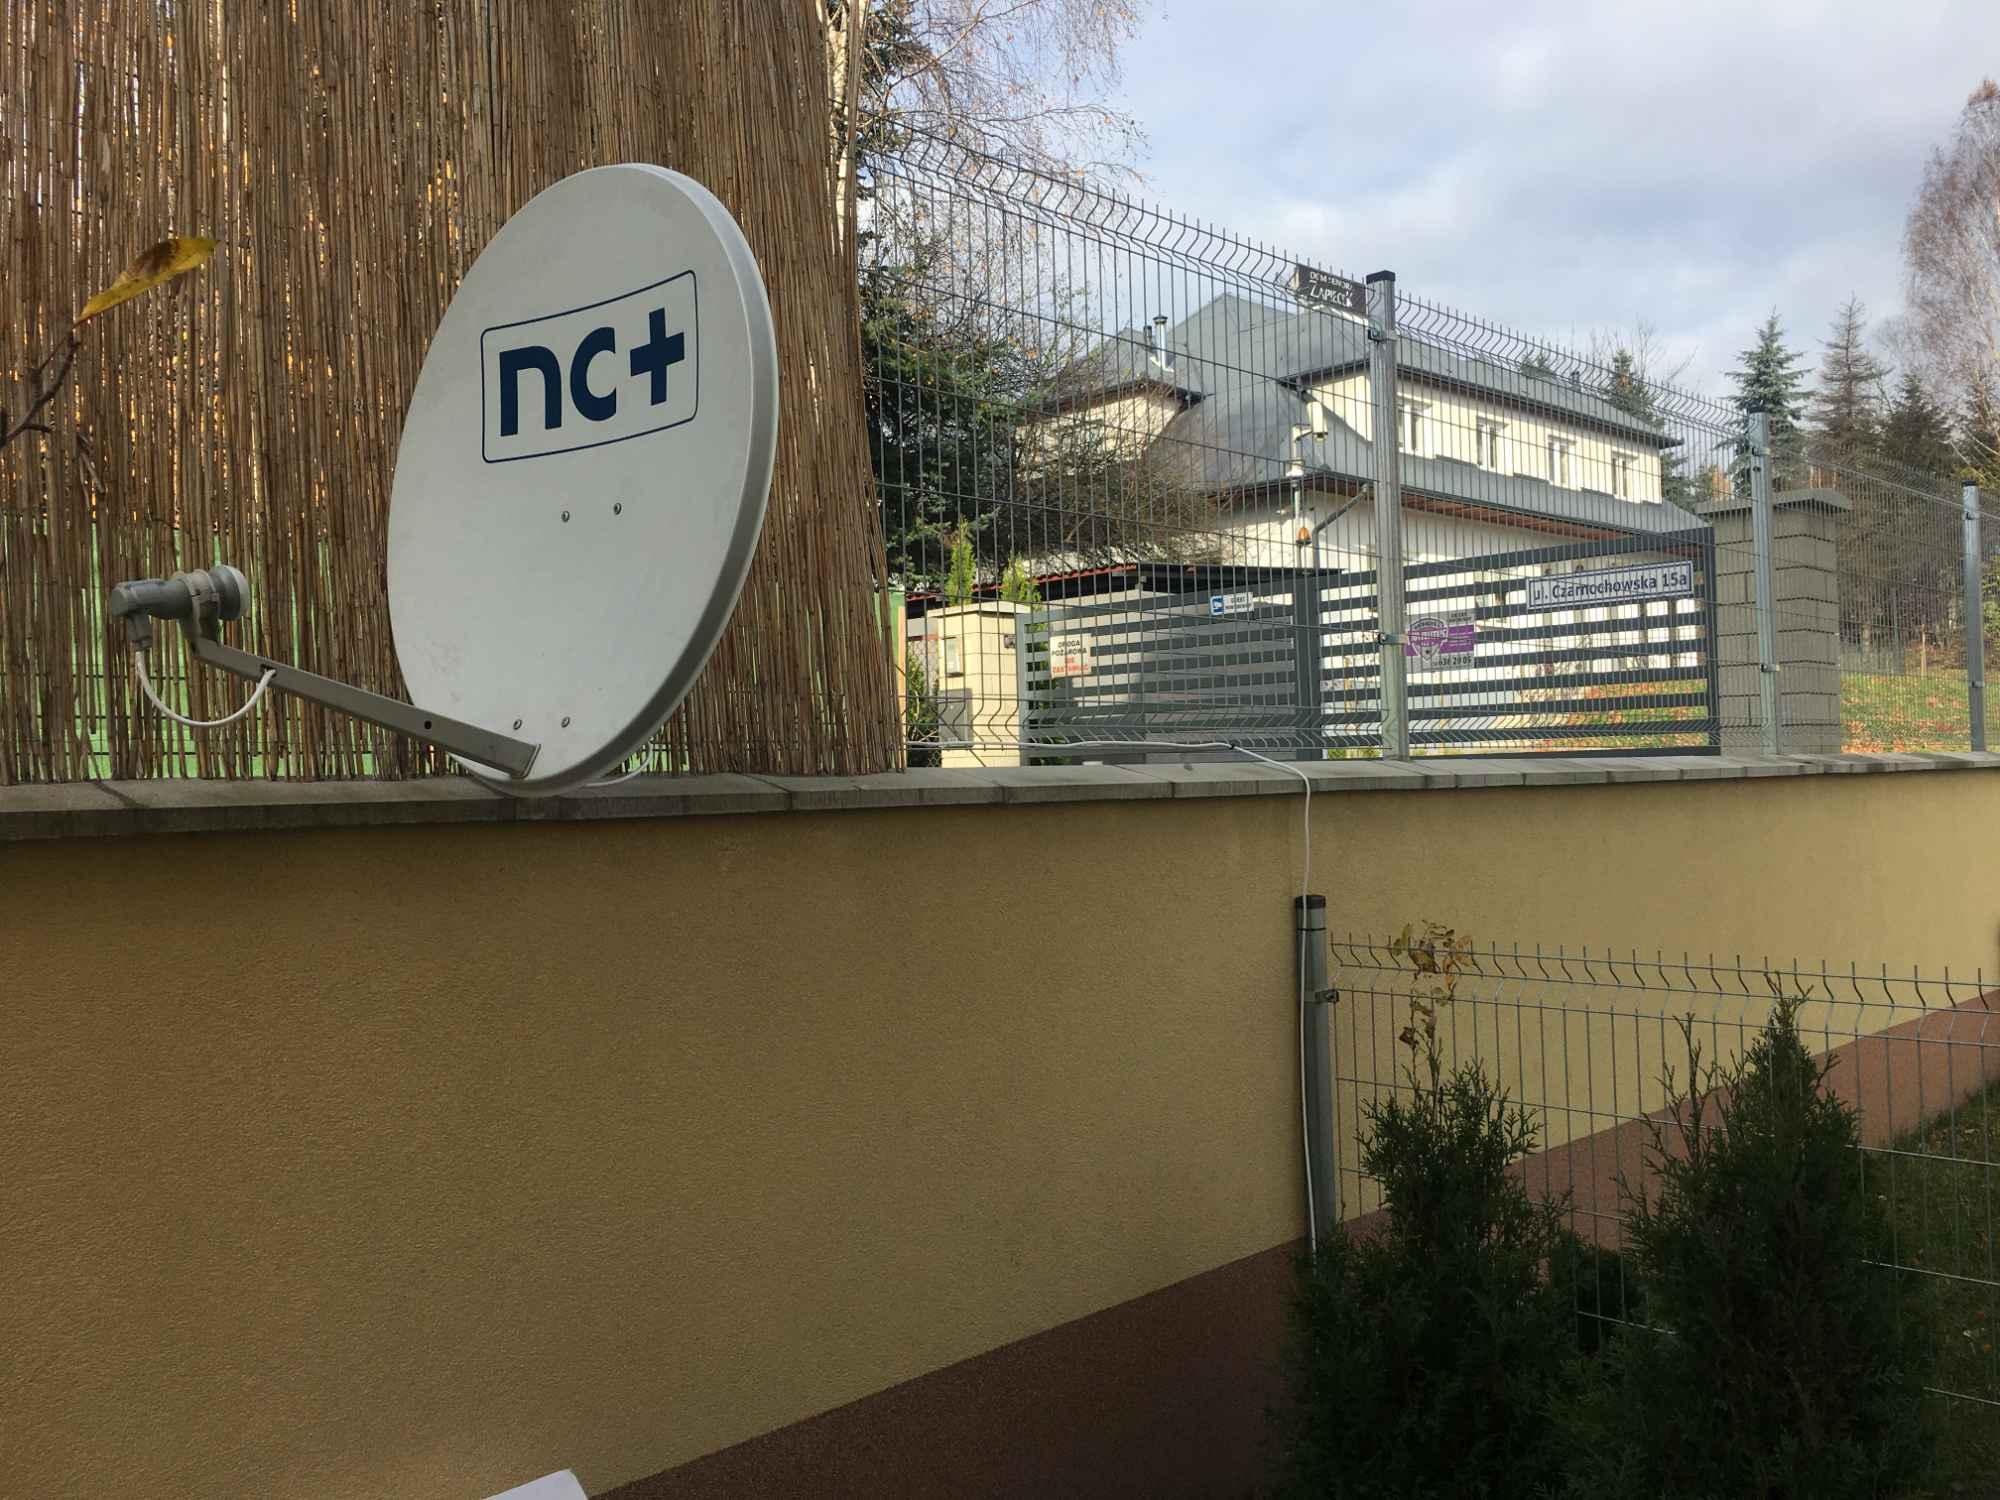 24 H REGULACJA SERWIS NAPRAWA MONTAŻ ANTEN SATELITARNYCH DVB-T Sucha Beskidzka - zdjęcie 3